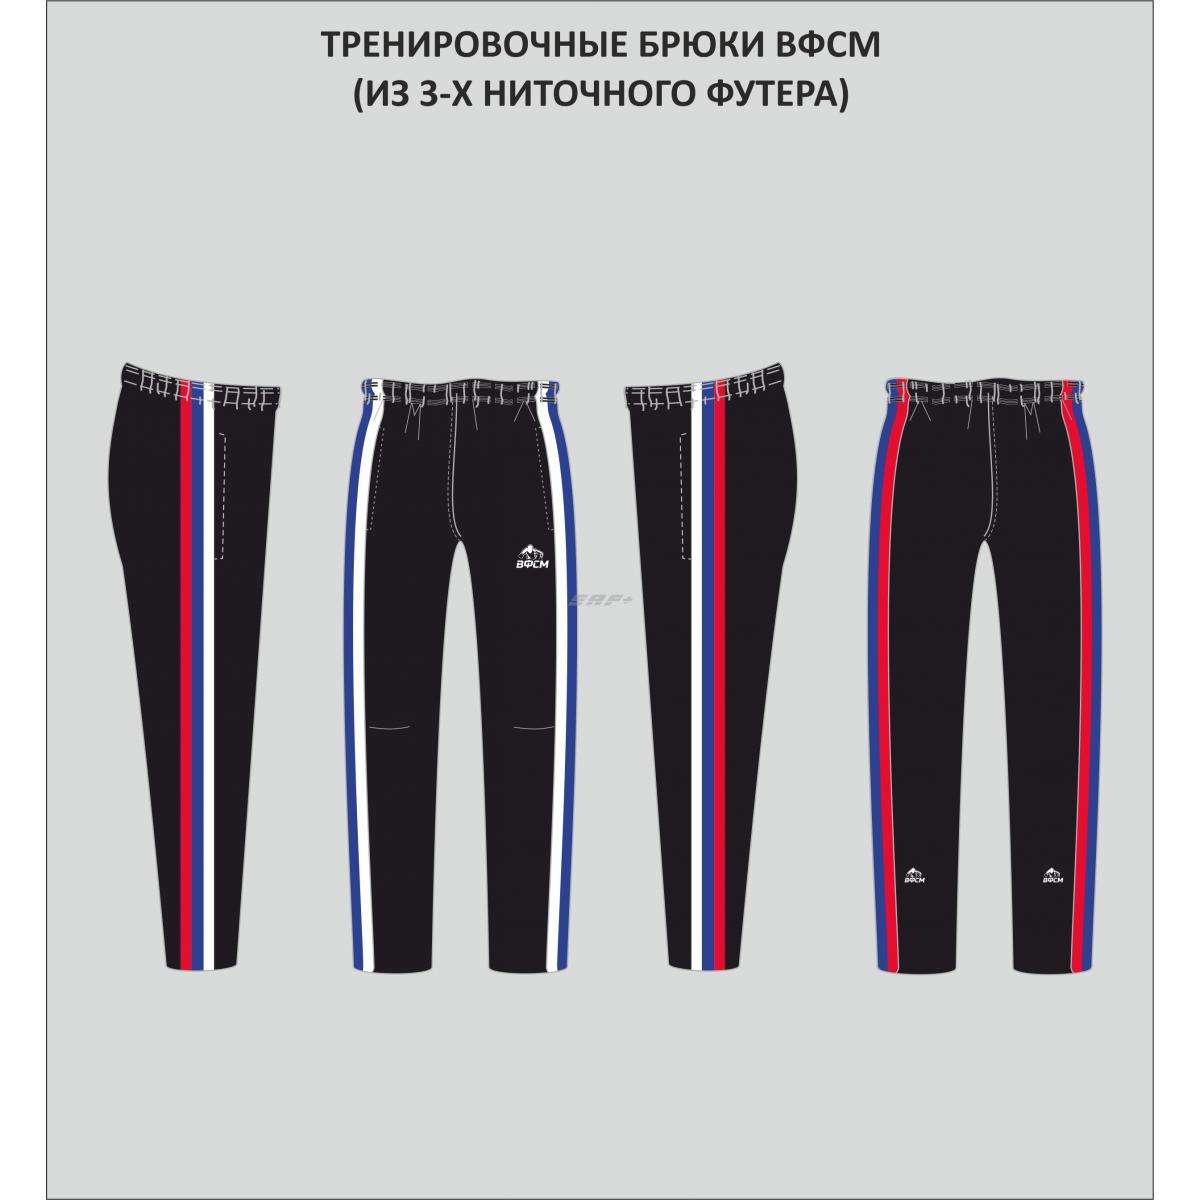 Тренировочные брюки ВФСМ